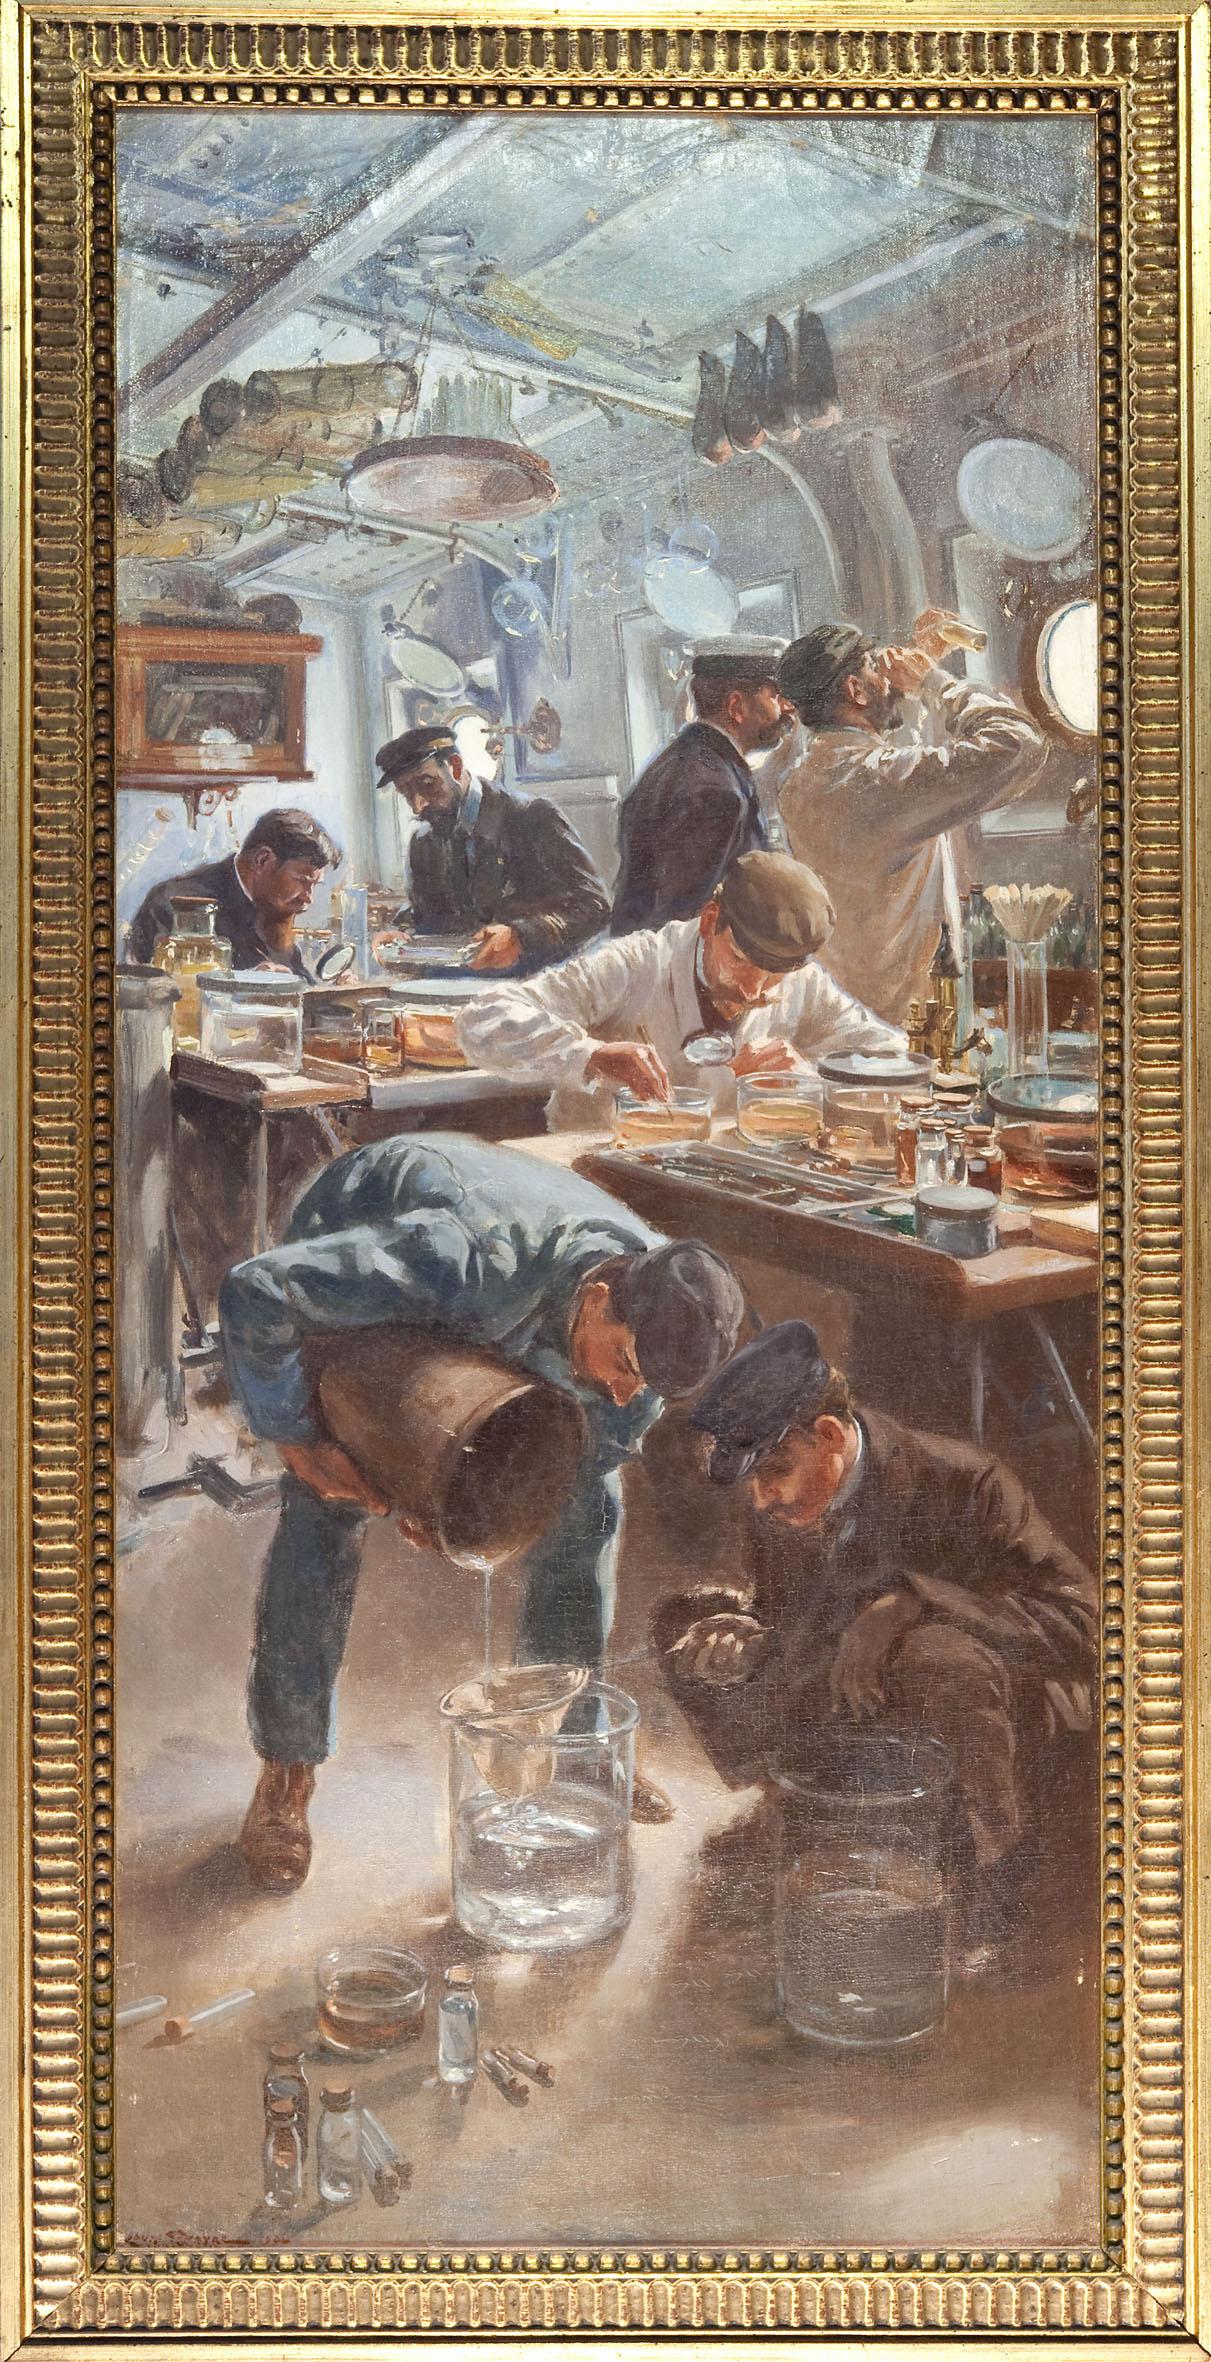 Tableau Le laboratoire Louis Tinayre 1908 © M.Dagnino